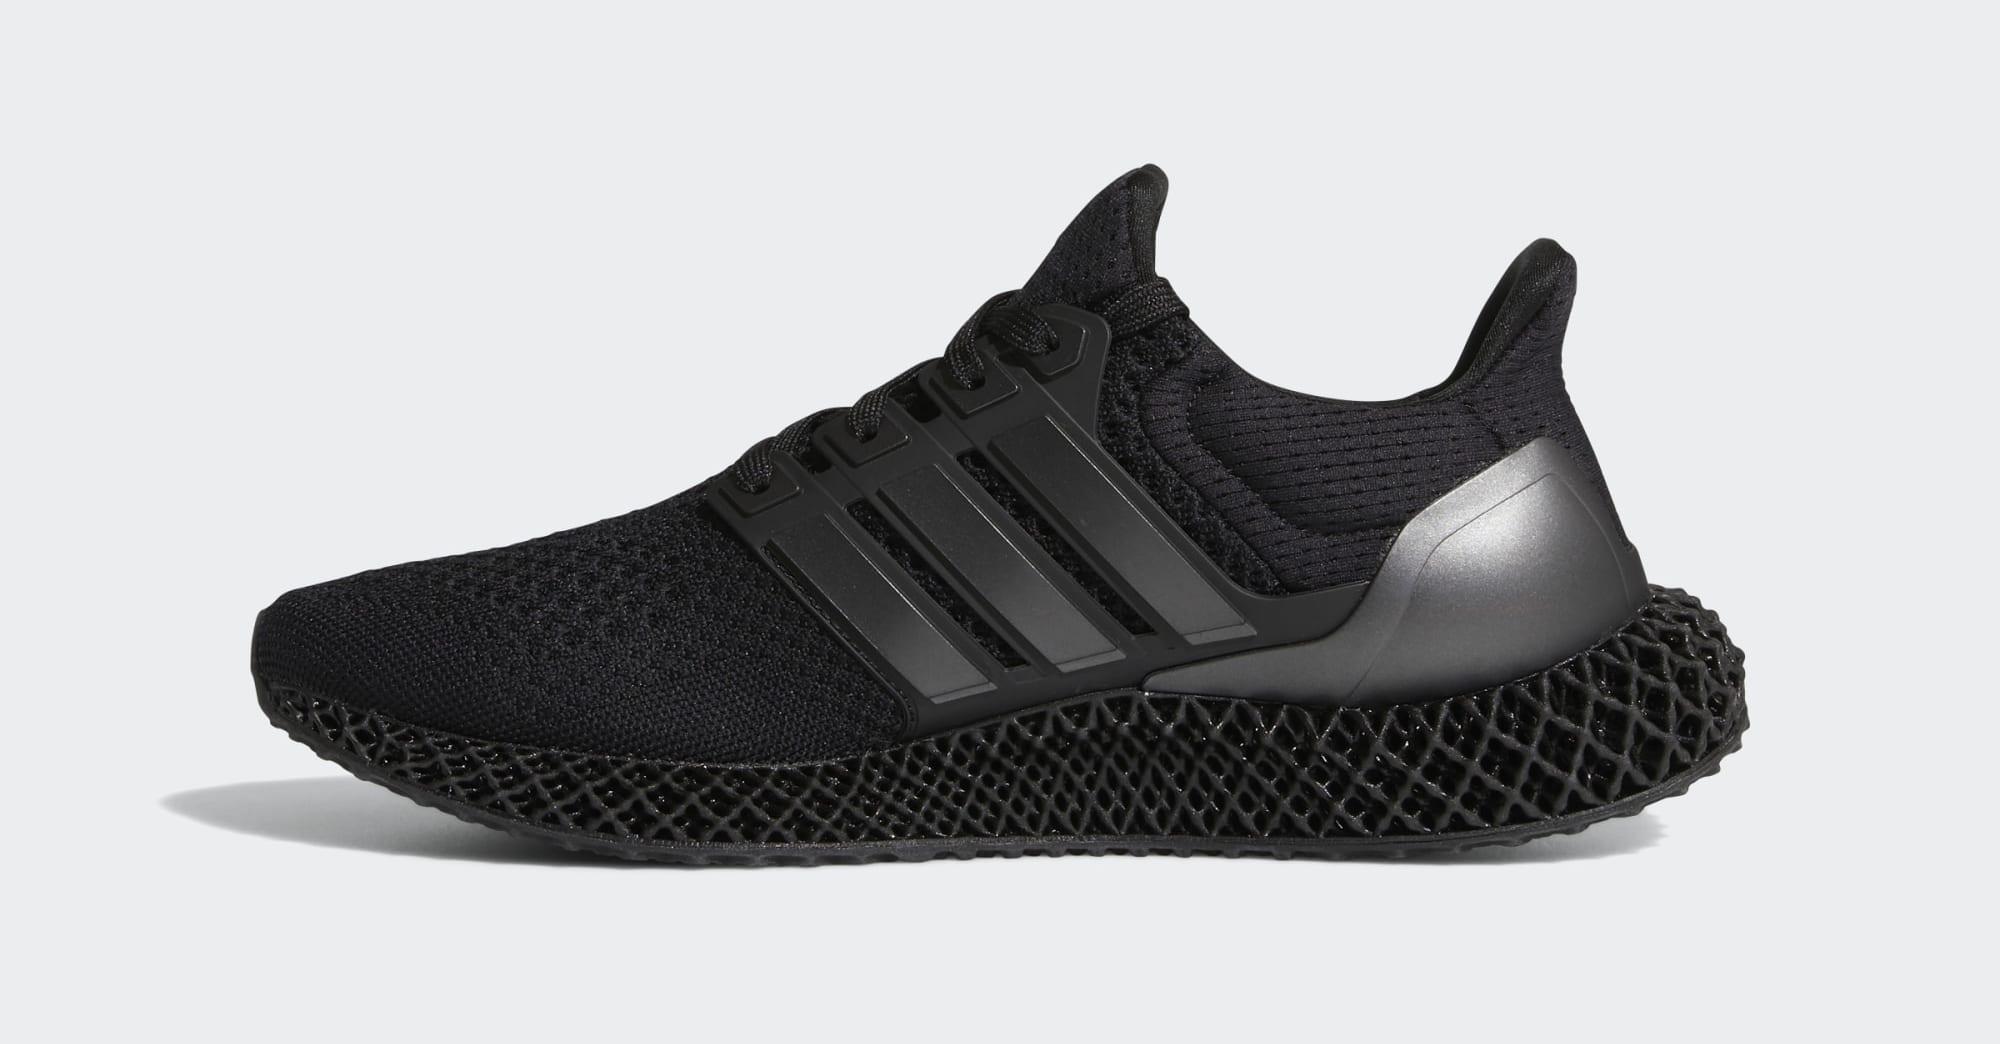 Adidas Ultra 4D 'Black' FY4286 Medial